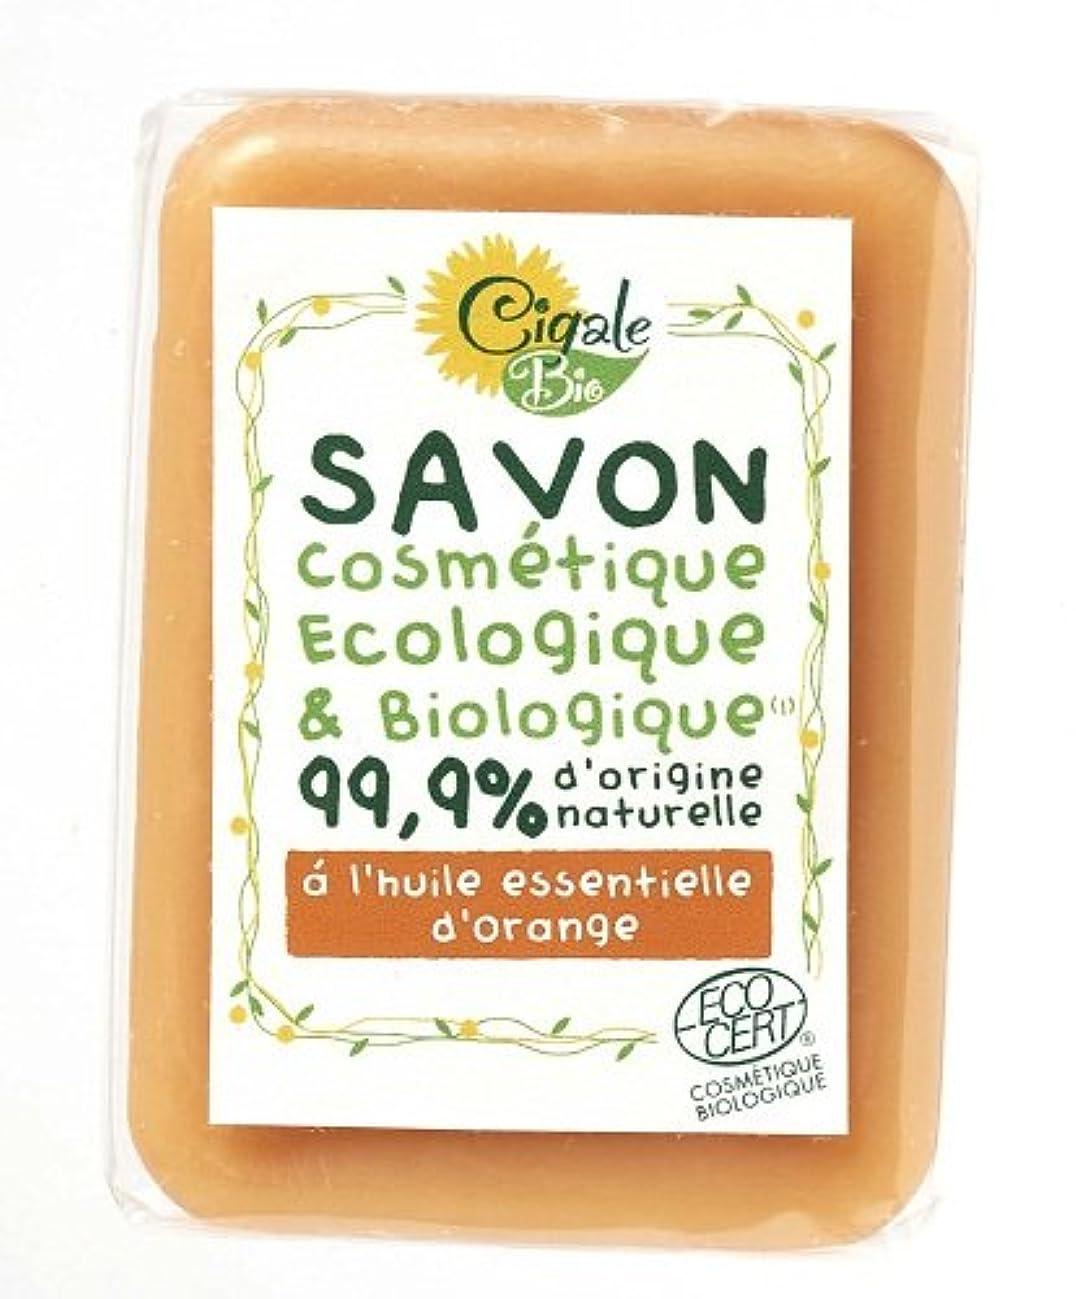 挽く引き出しフルートシガールビオ オーガニックソープ オレンジ